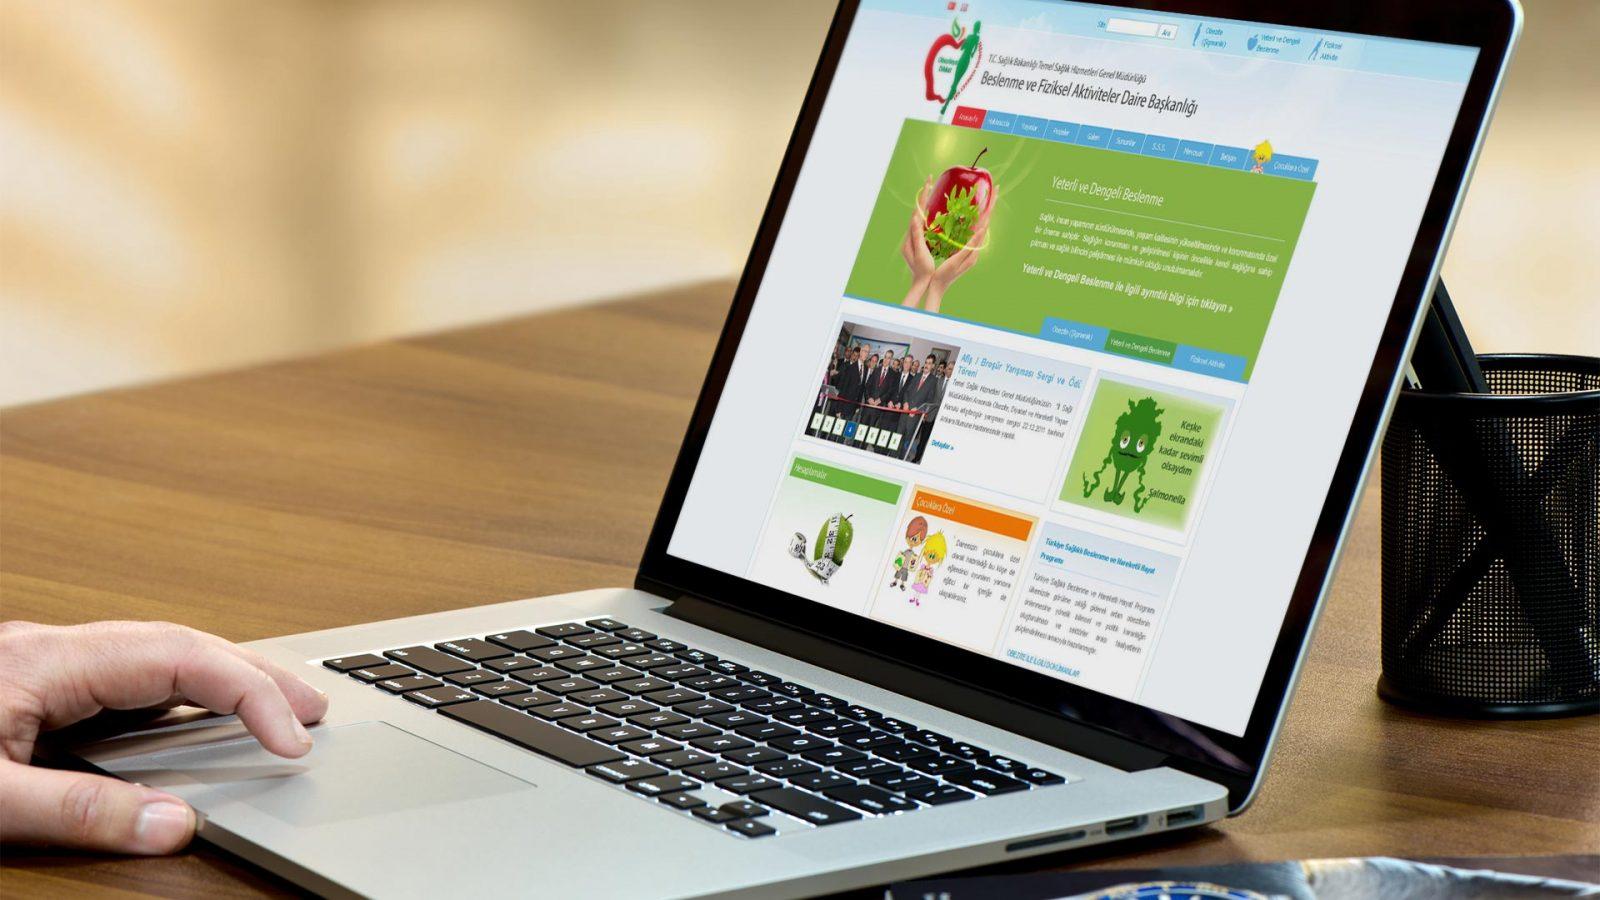 beslenme web sitesi tasarımı 01